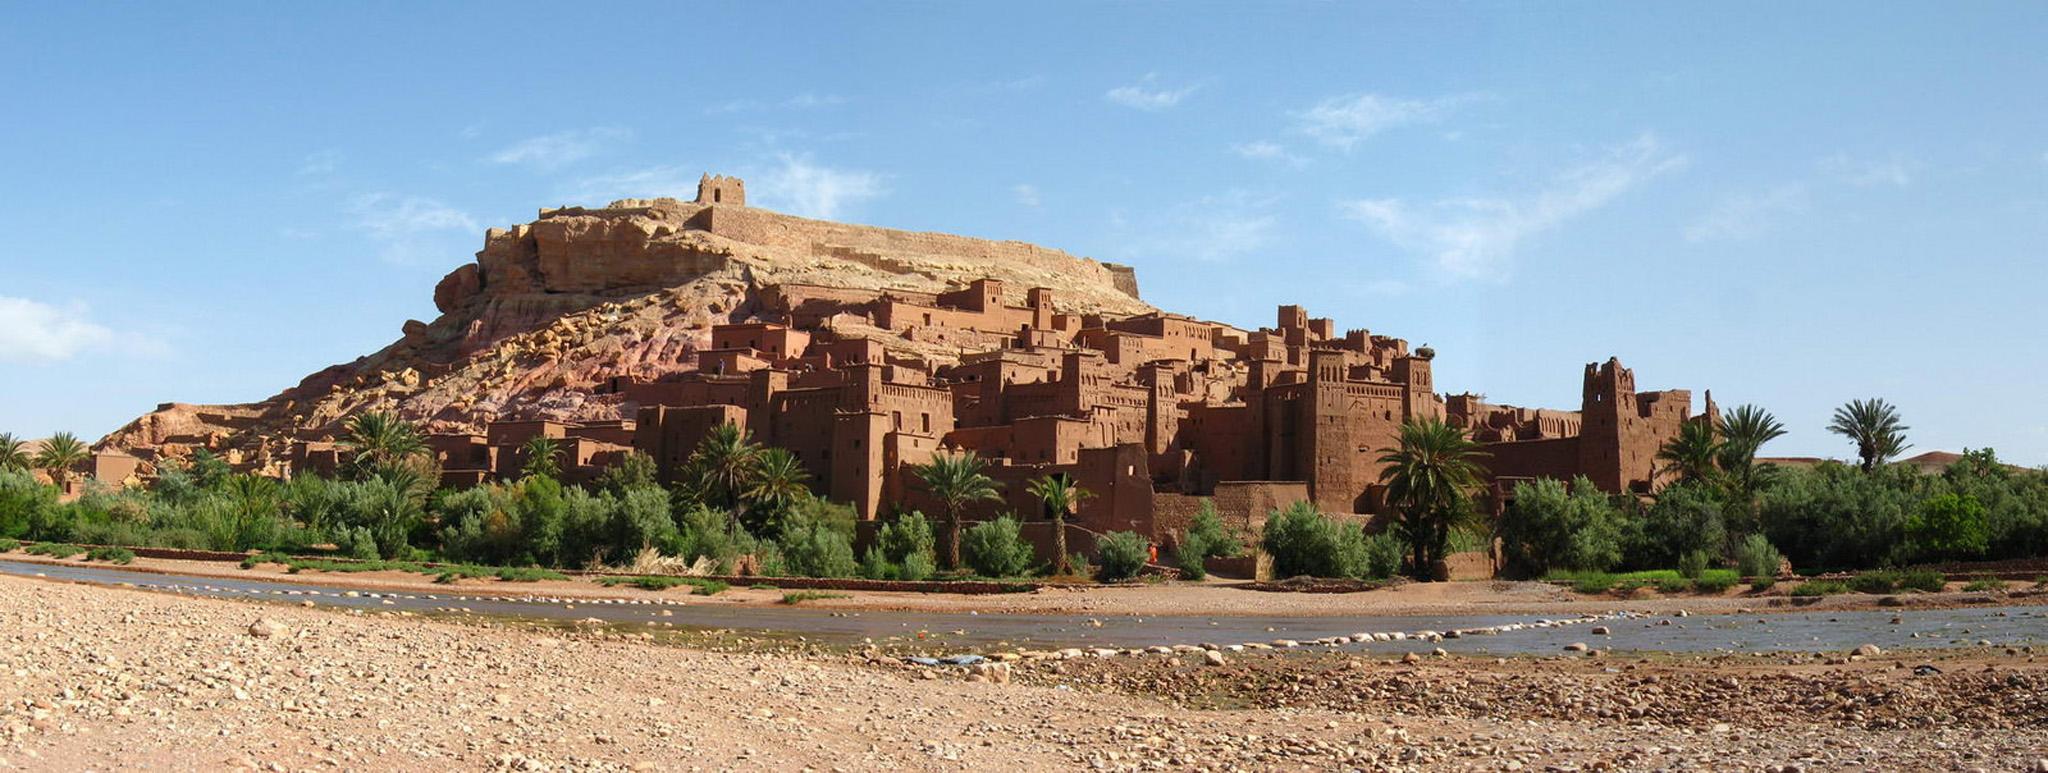 Как добраться до Марокко